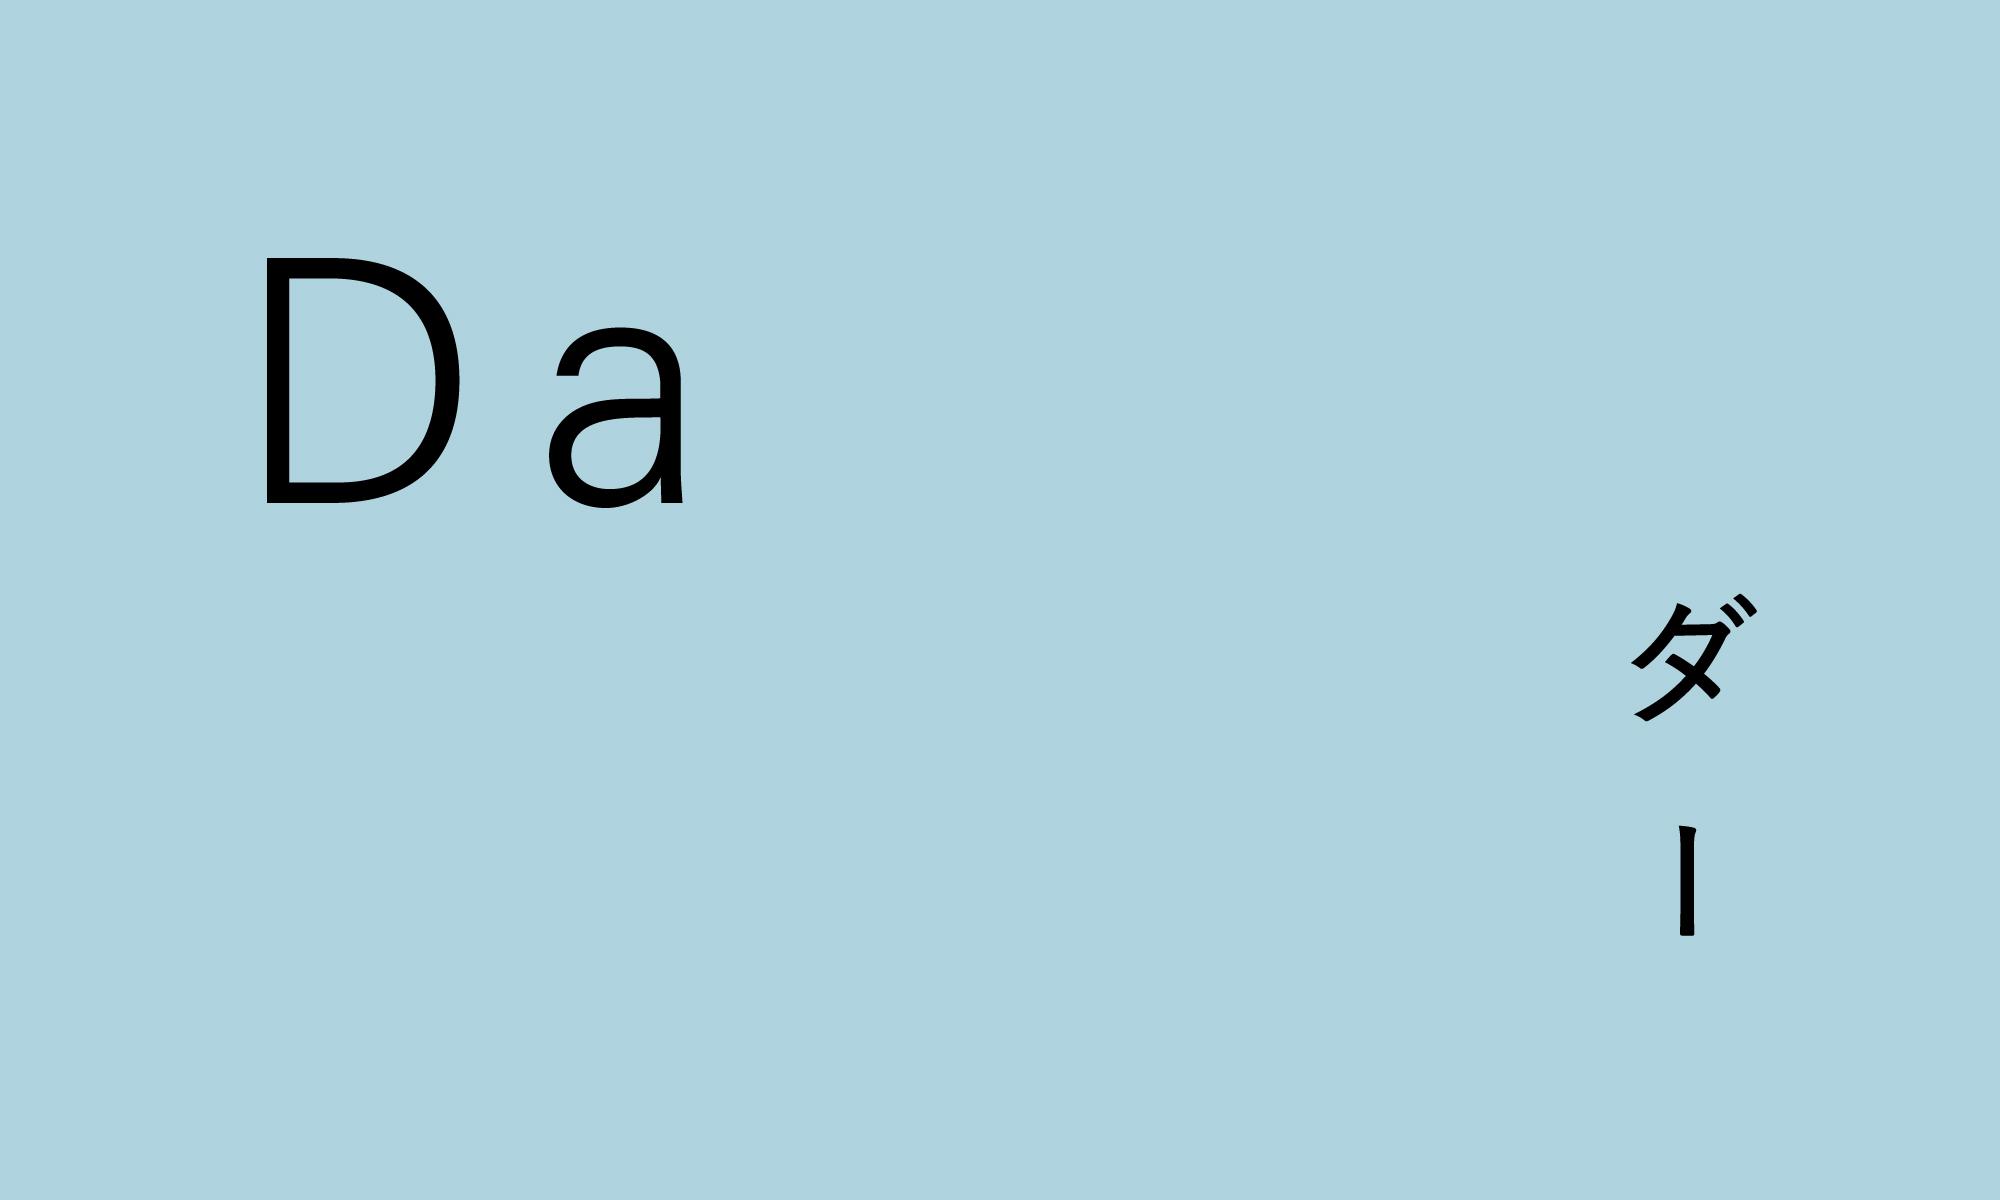 クロアチア語:Da